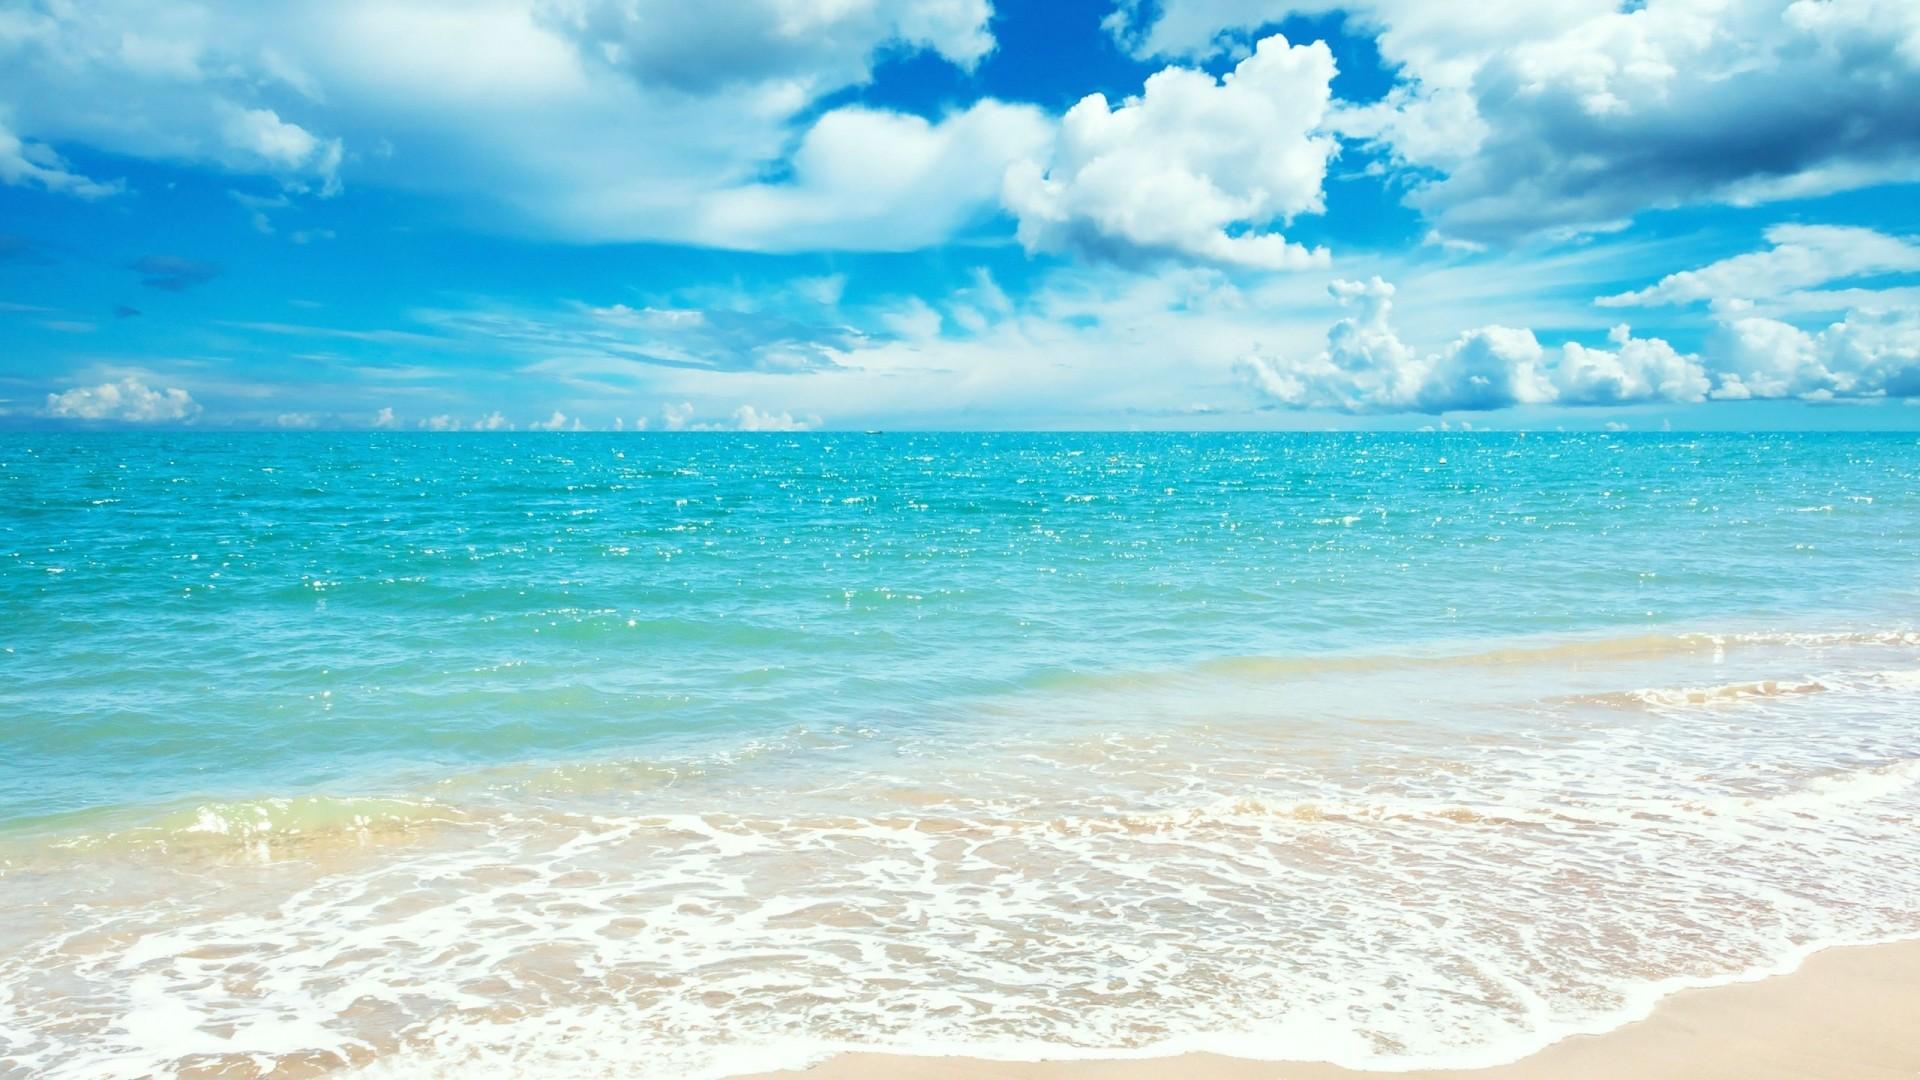 Summer Beach   Wallpaper High Definition High Quality Widescreen 1920x1080